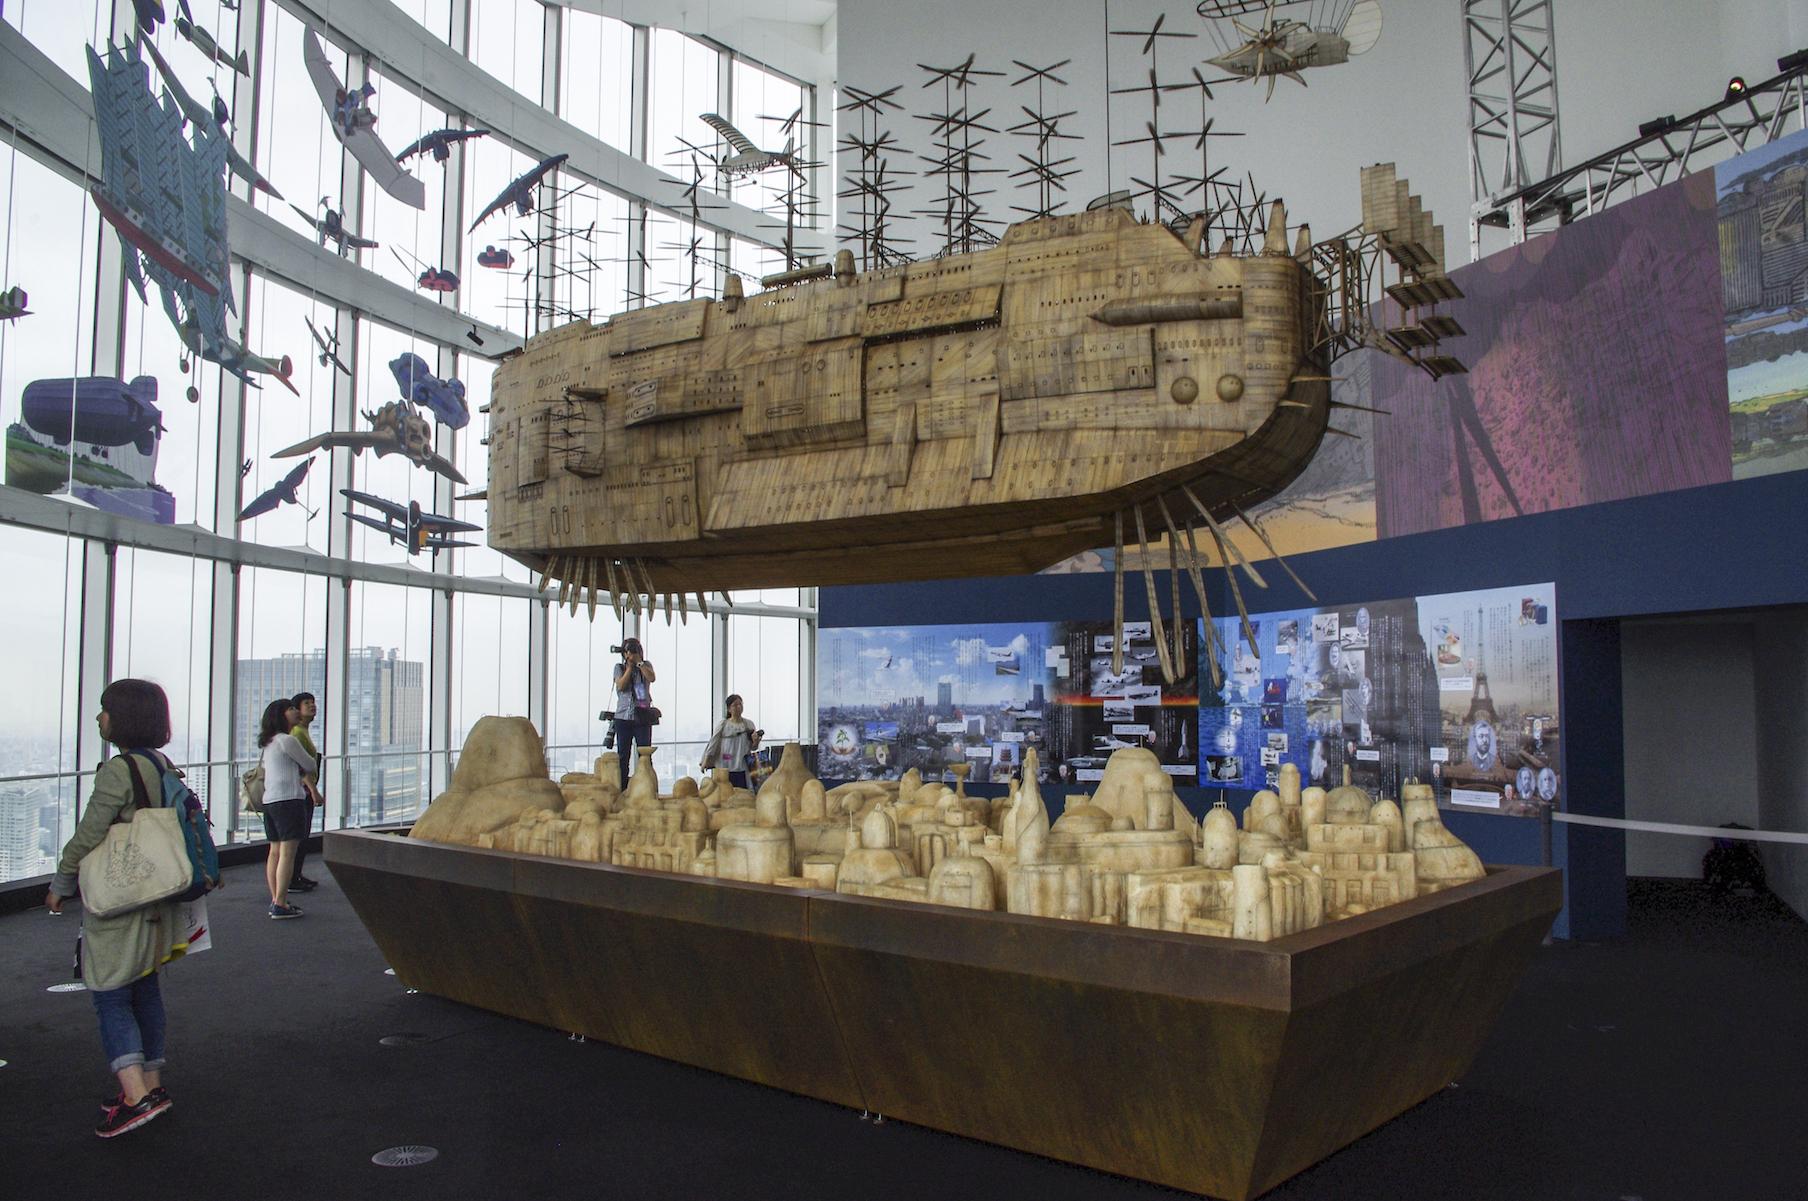 『天空の城ラピュタ』に出てくる飛行構造物が、上下しながらゆっくり動きます (C)girls Artalk